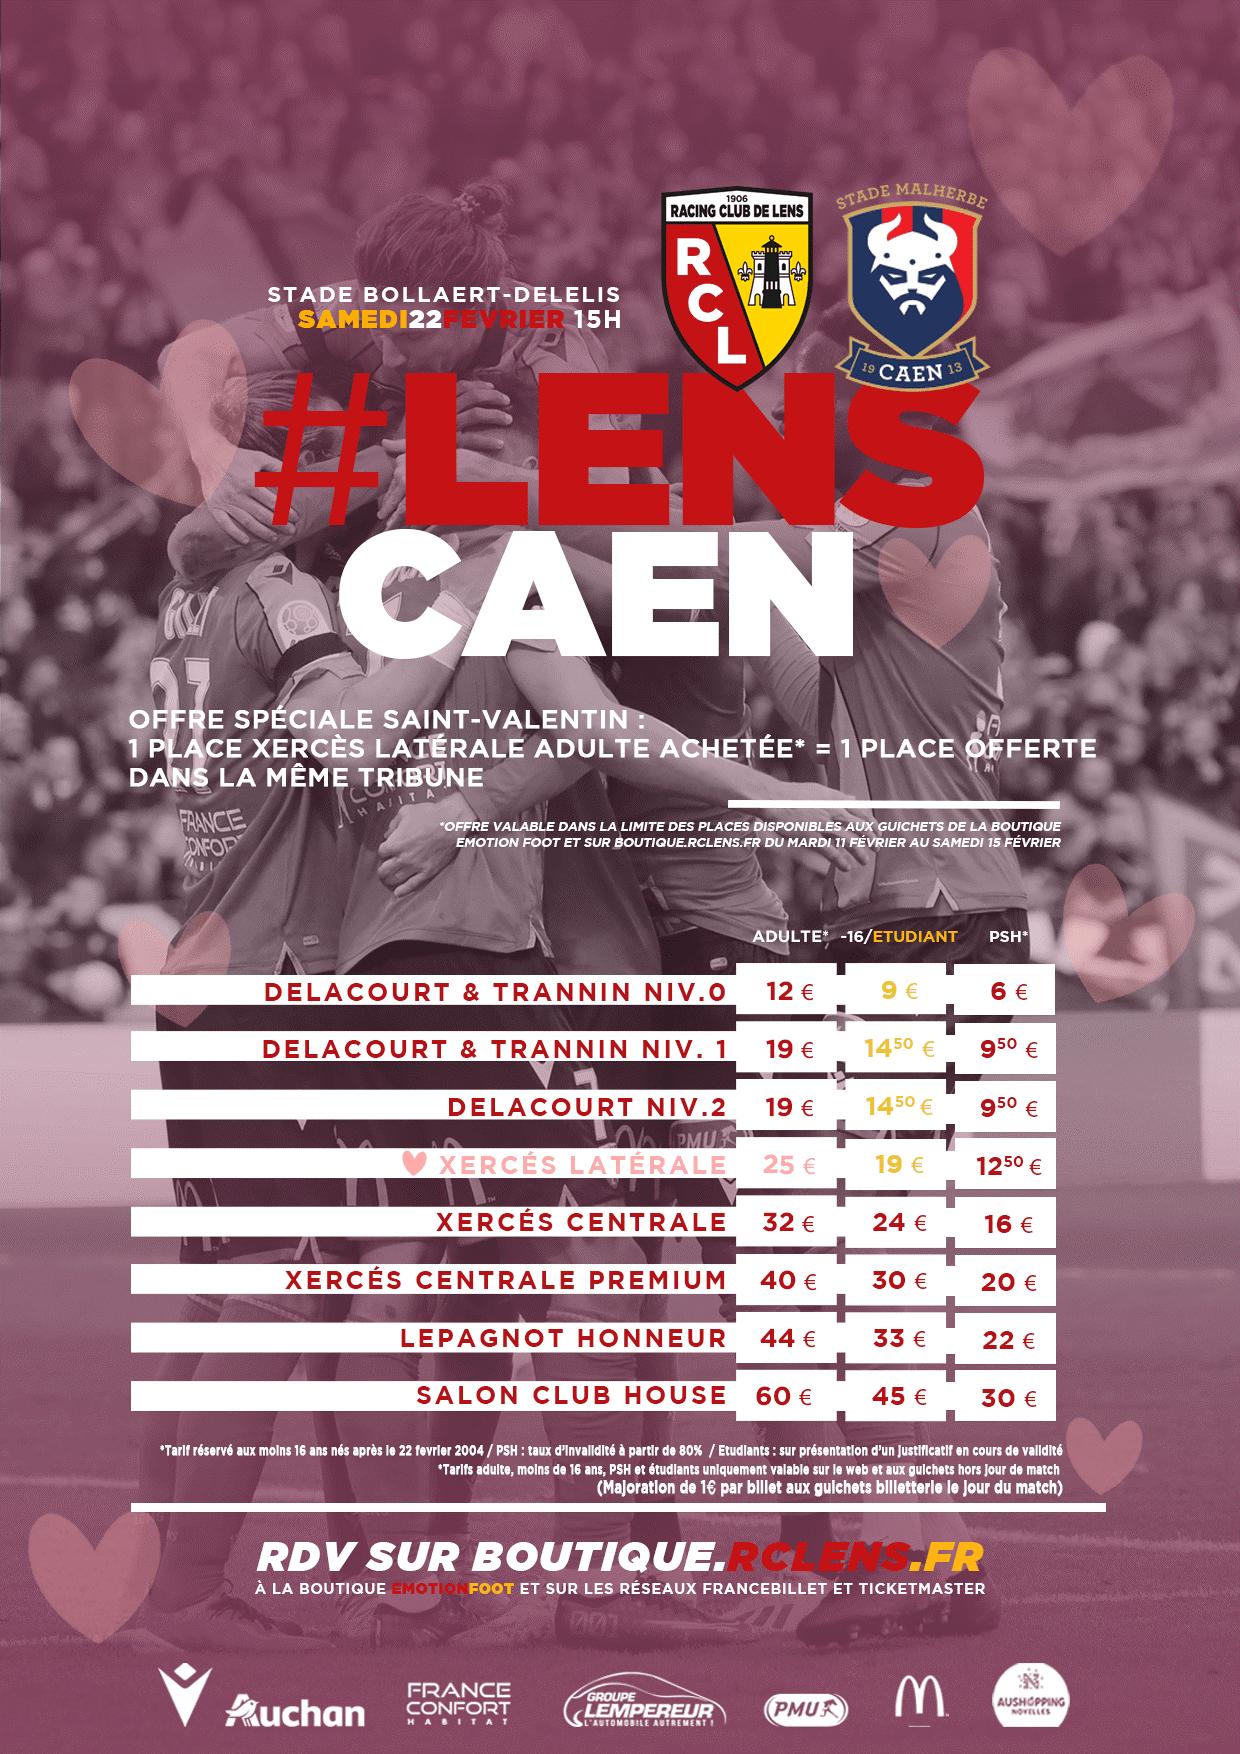 Lens - Caen : offre Saint-Valentin billetterie match tarifs bollaert delelis